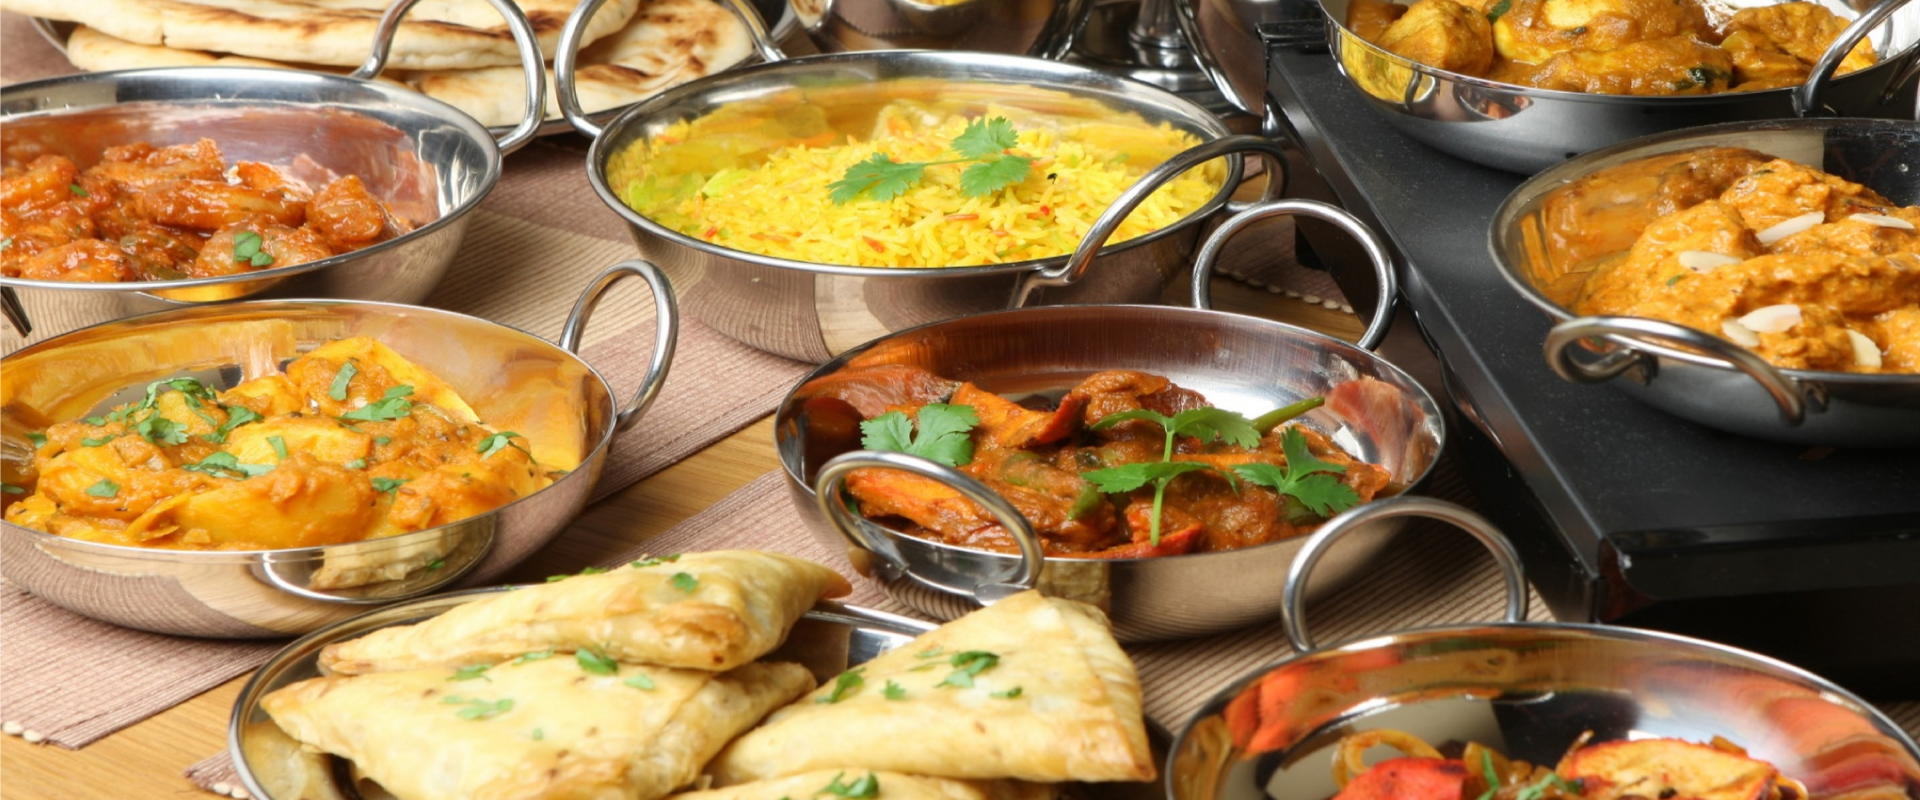 Restaurant Indien Livraison Rive Sud